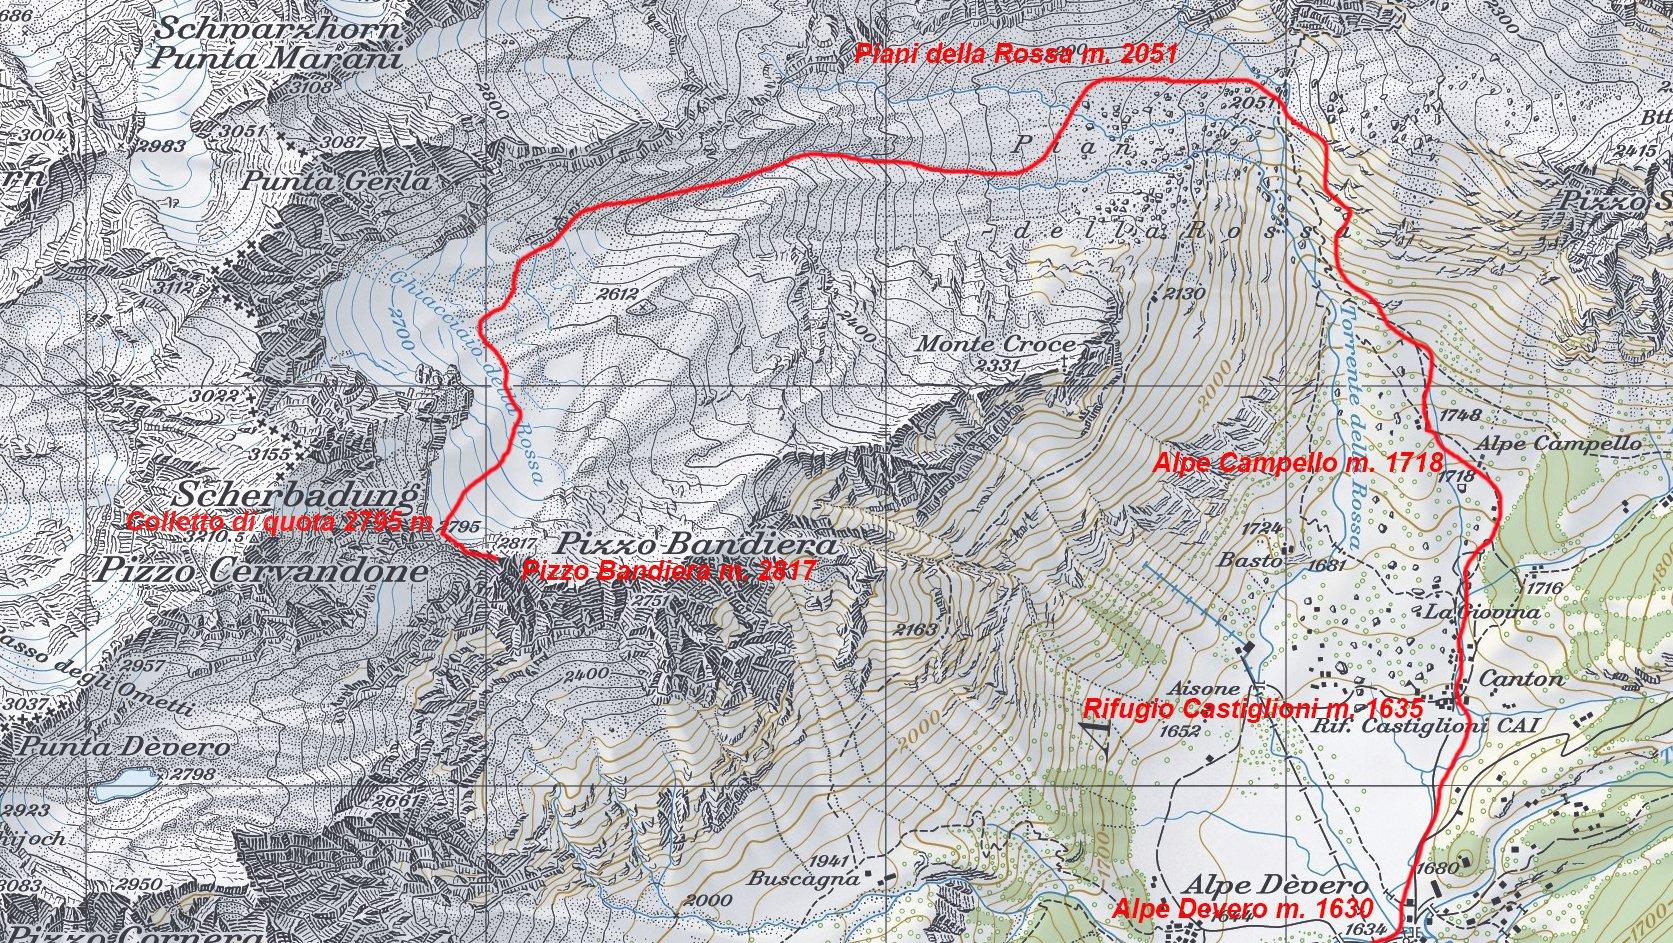 mappa CNS e itinerario di salita per la cima